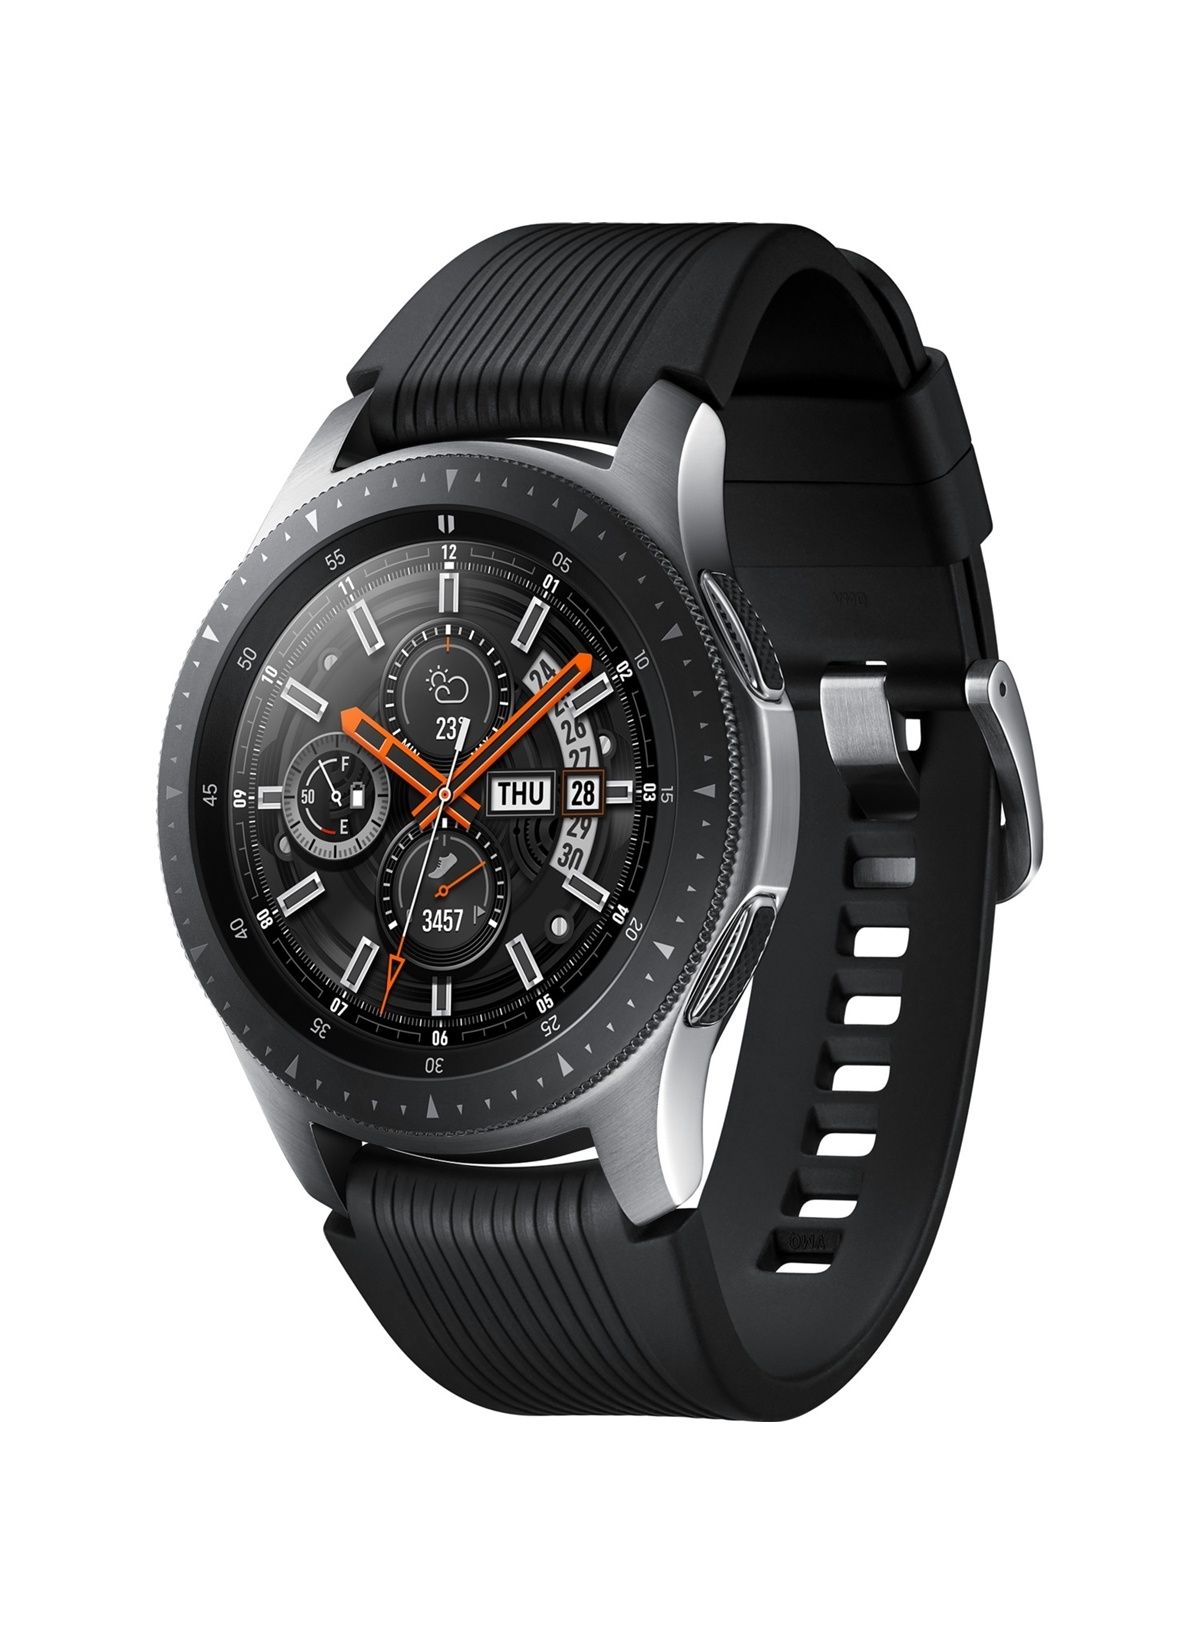 Standart Samsung Galaxy Watch Akıllı Saat (46Mm) (Android Ve iPhone Uyumlu) Gümüş